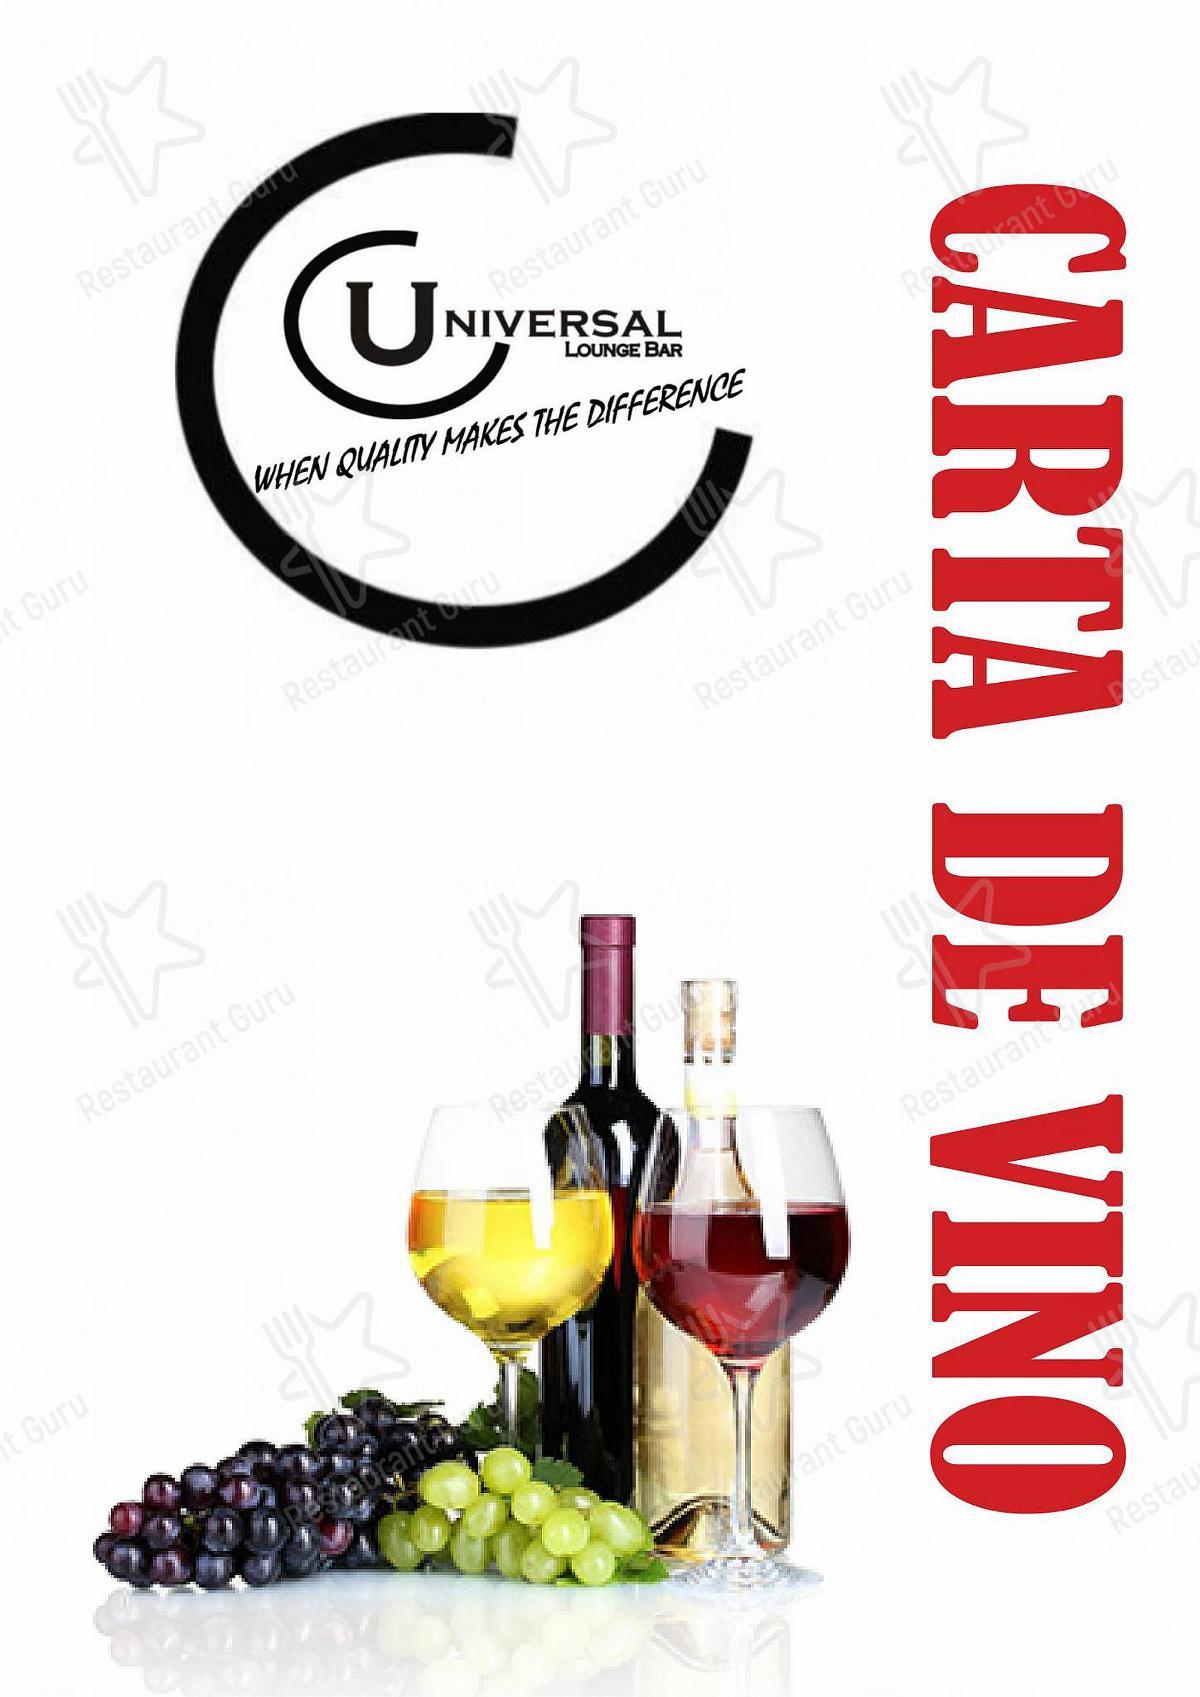 Меню для посетителей кафе Universal Lounge Bar